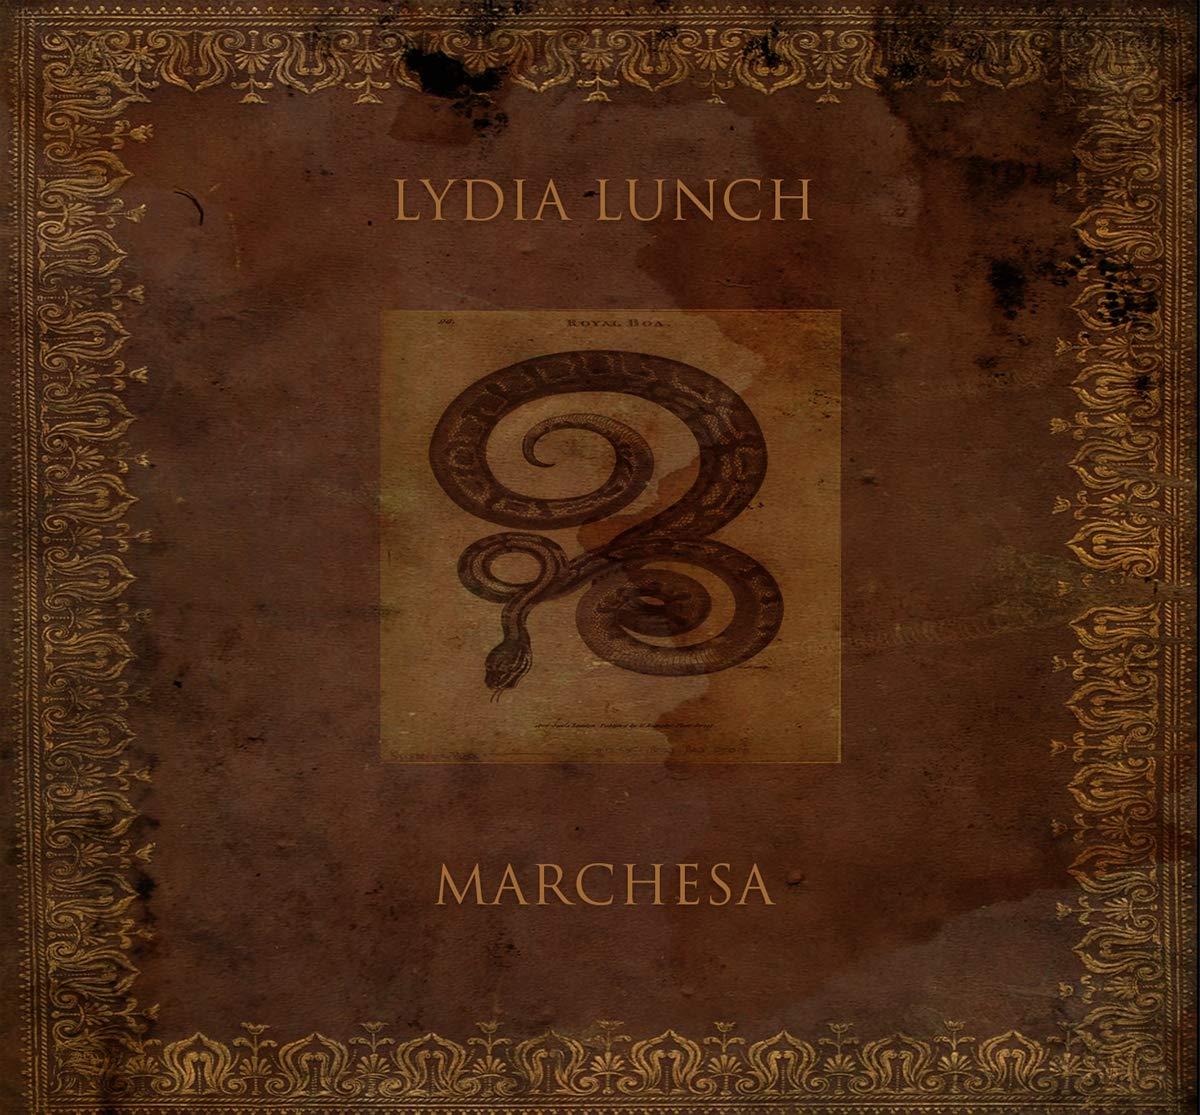 Vinilo : Lydia Lunch - Marchesa (LP Vinyl)